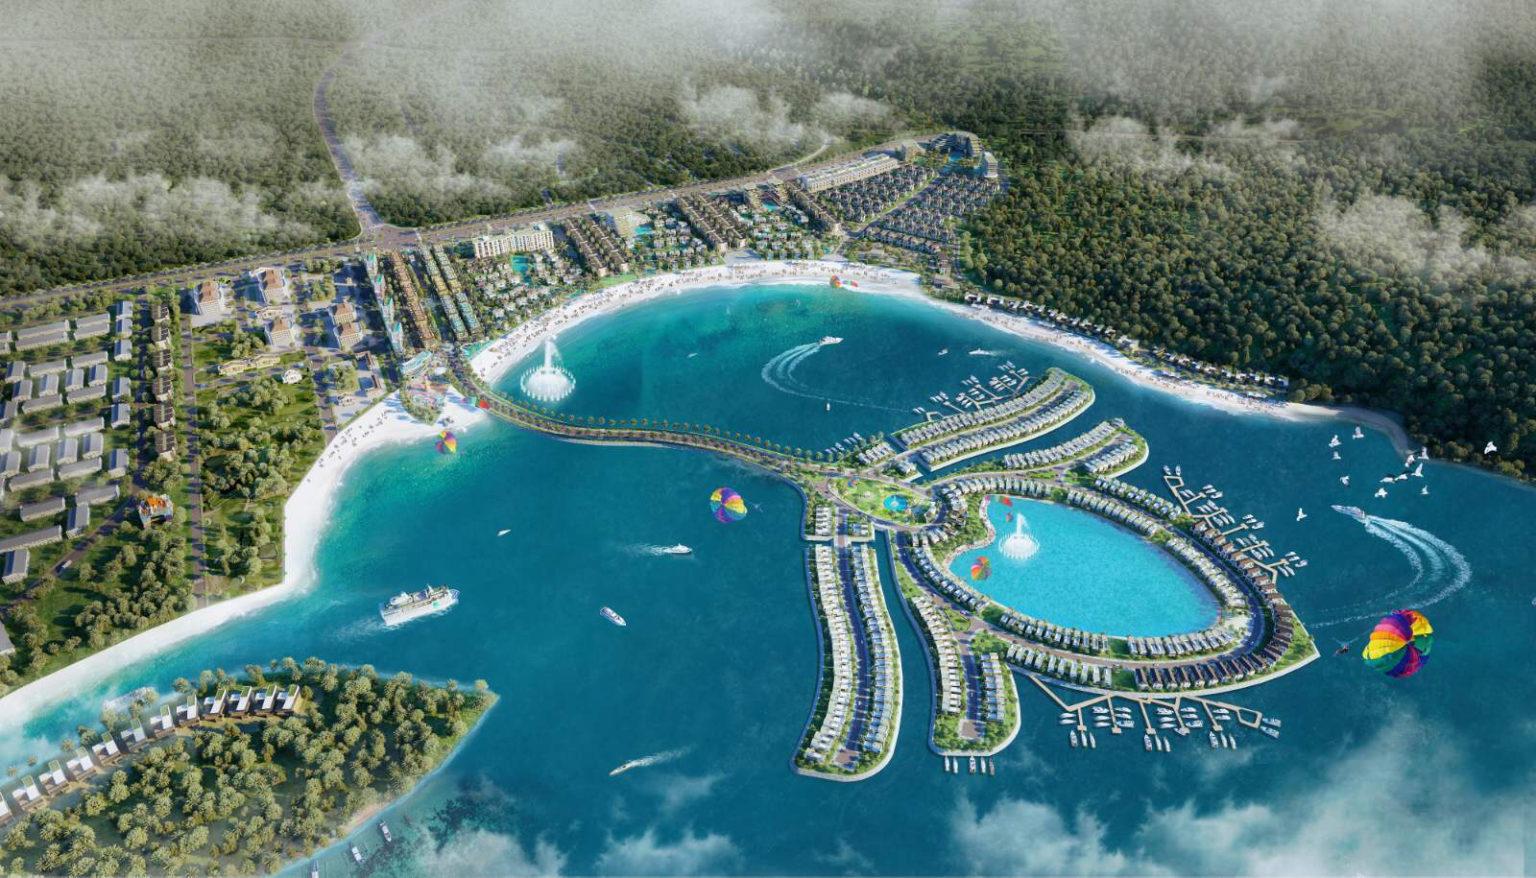 Thành viên Tập đoàn TTC huy động vốn cho dự án 300 ha tại Phú Quốc - Ảnh 1.